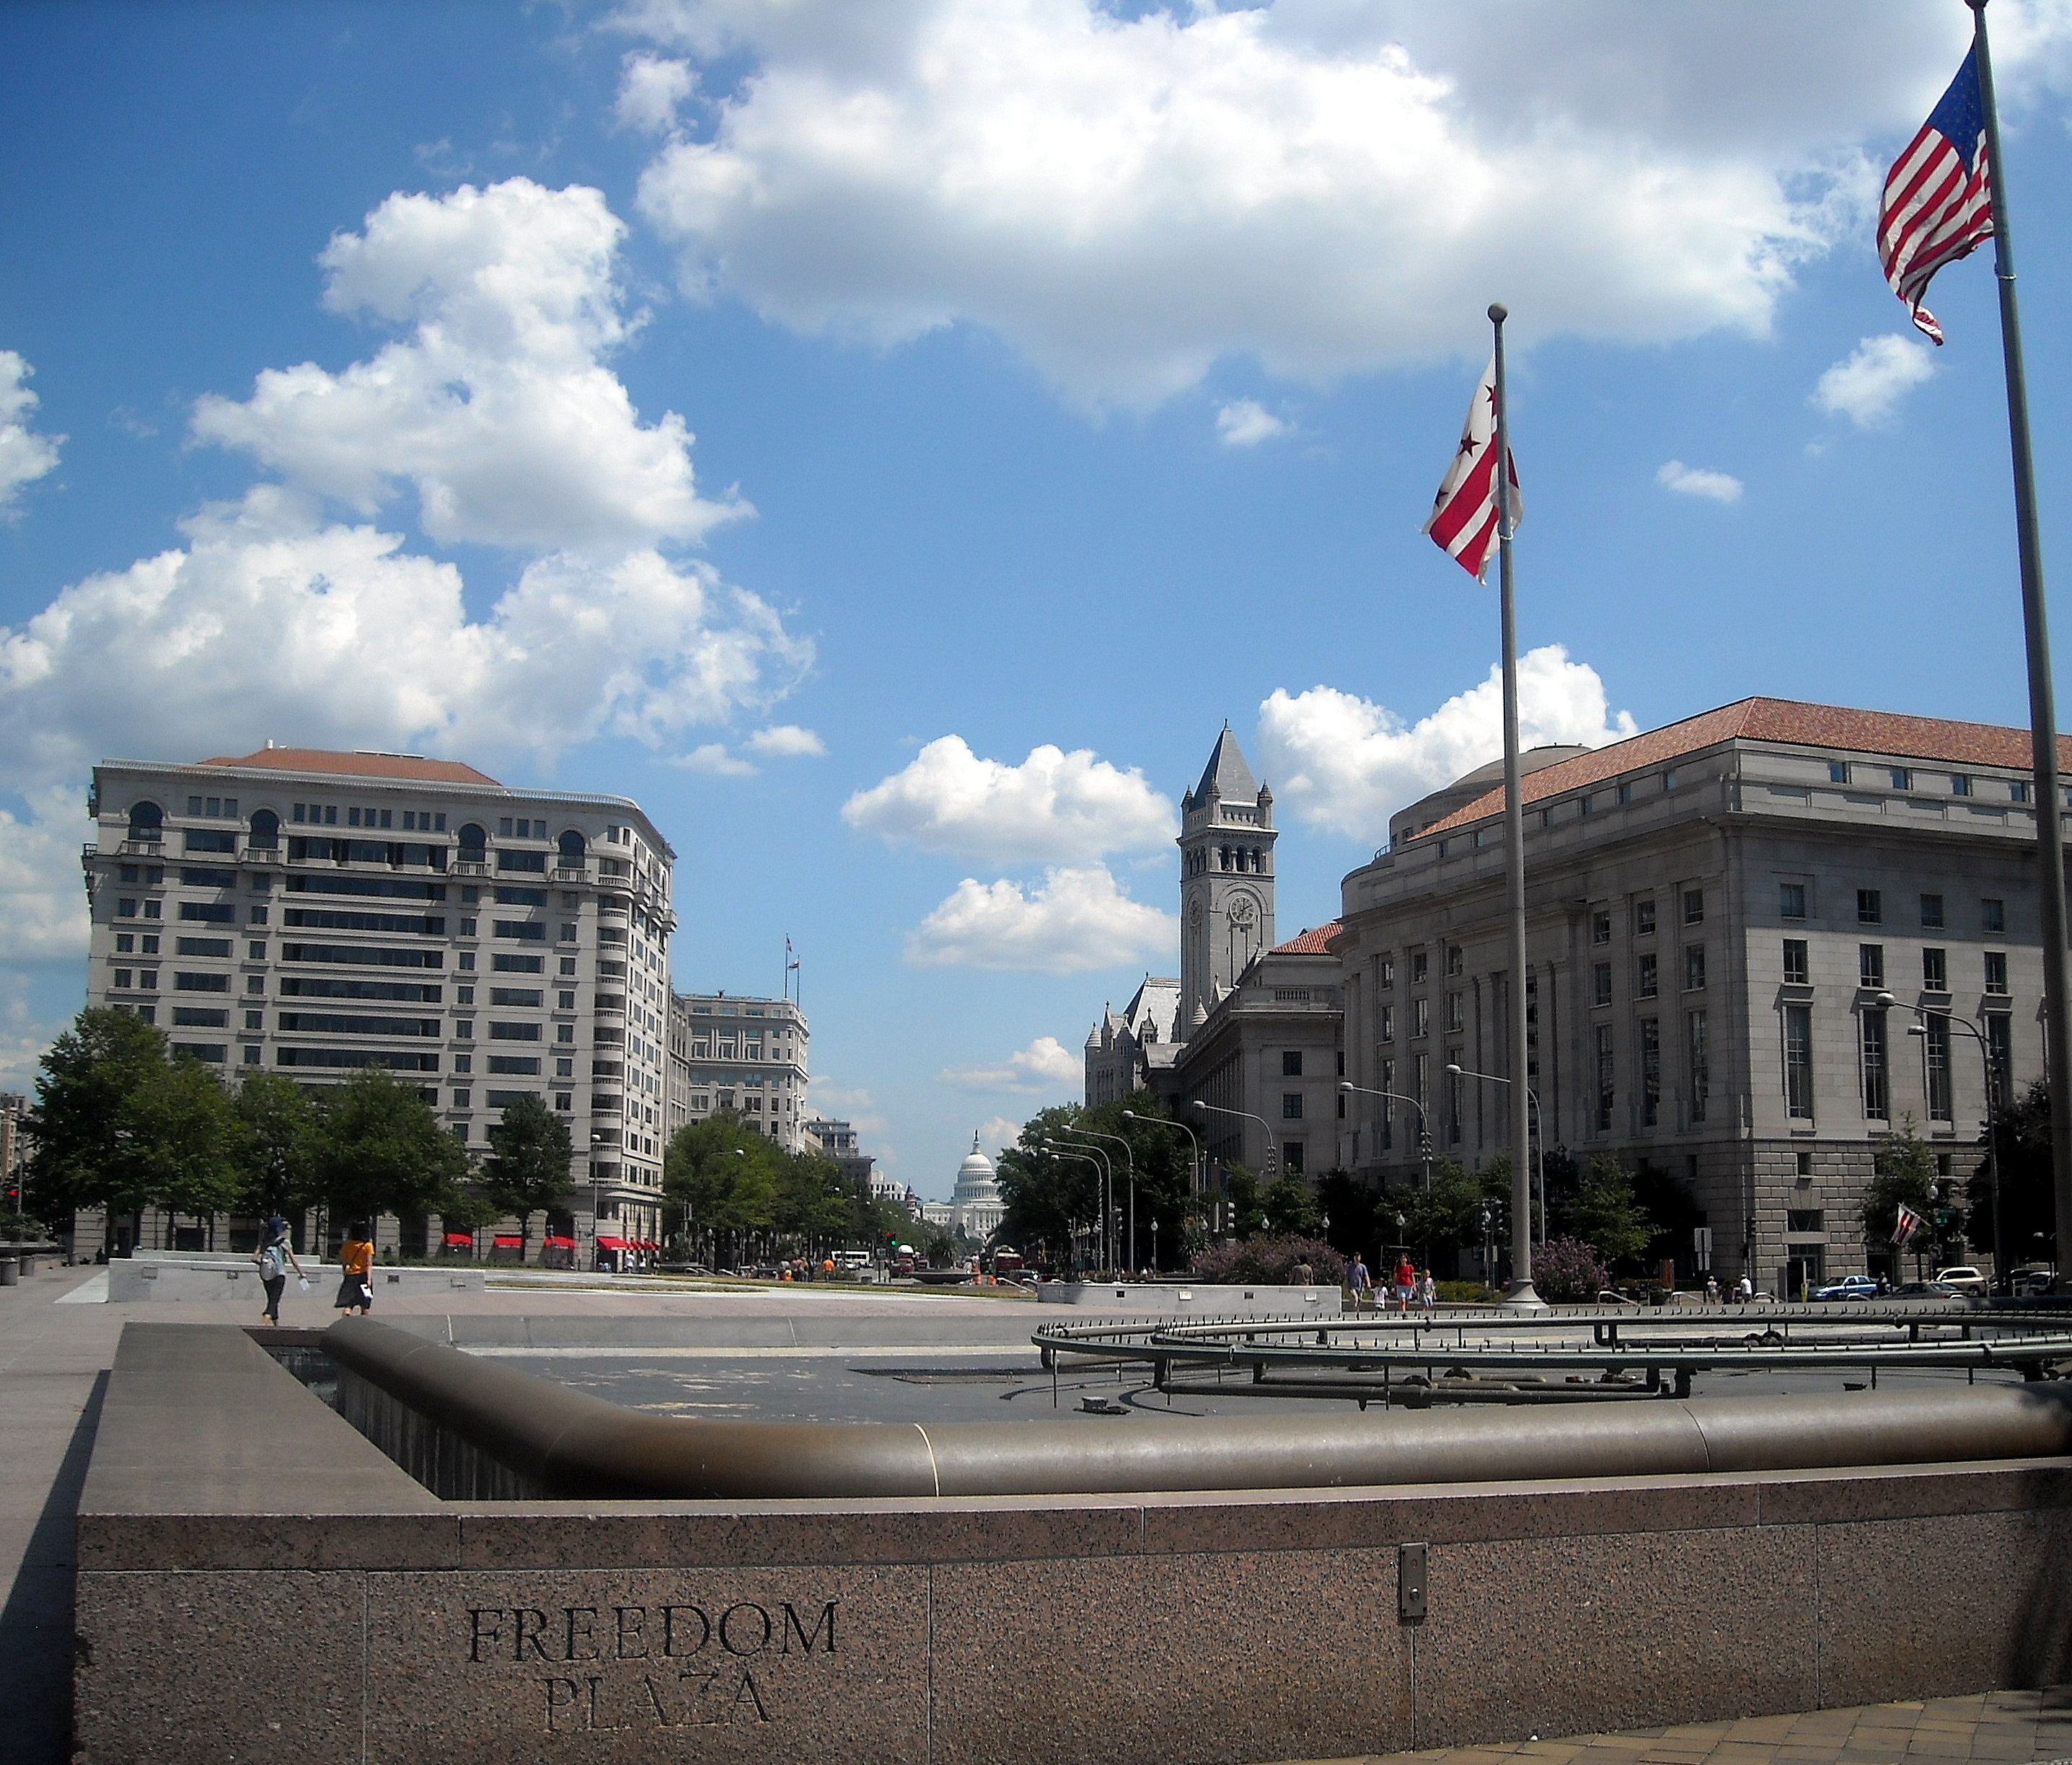 Freedom Plaza Washington DC